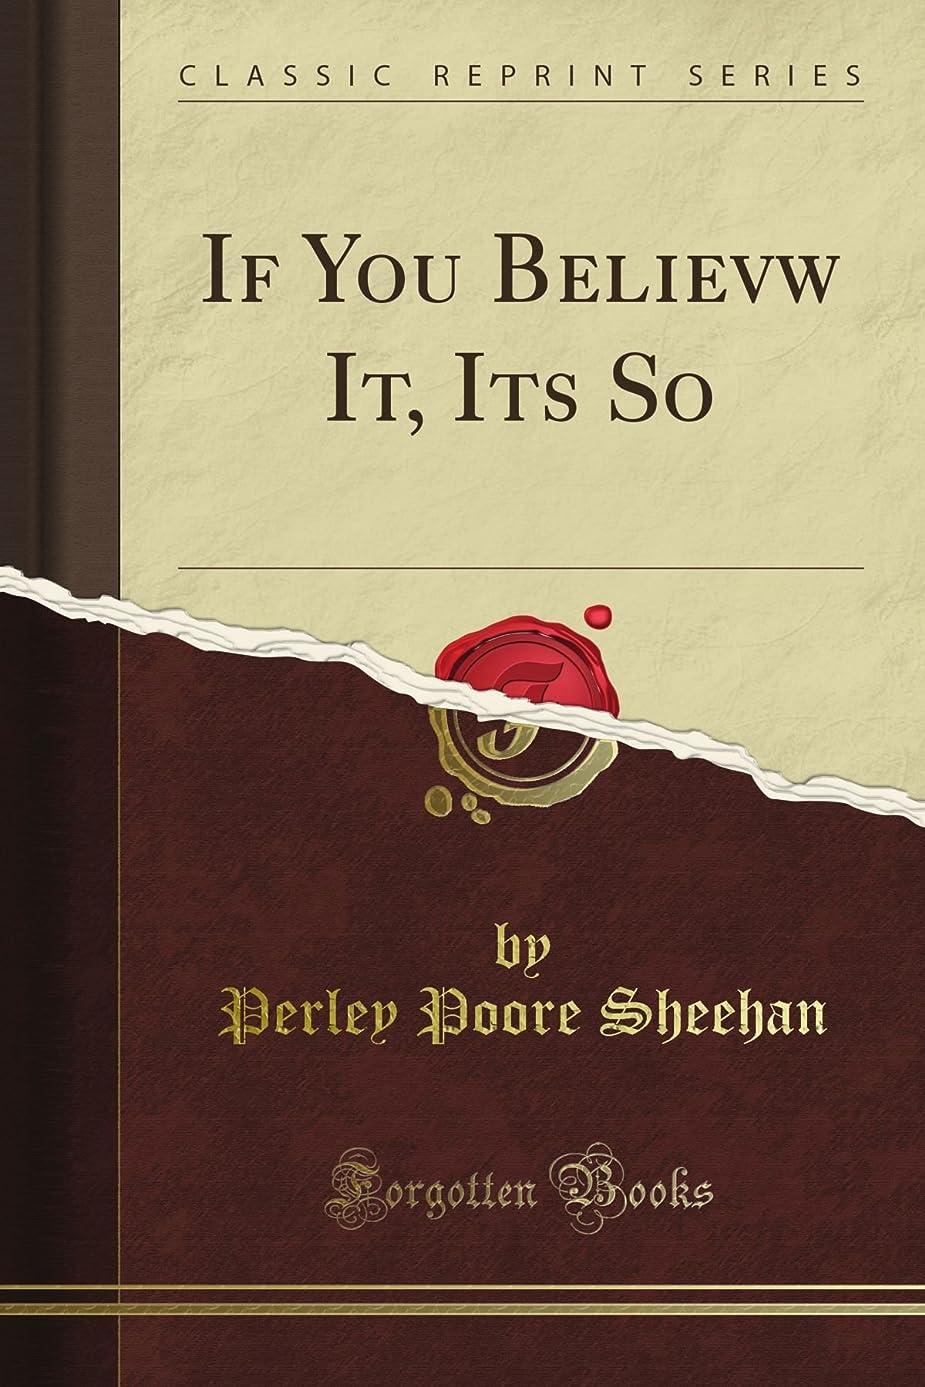 オーバードロー野ウサギ切るIf You Believw It, It's So (Classic Reprint)